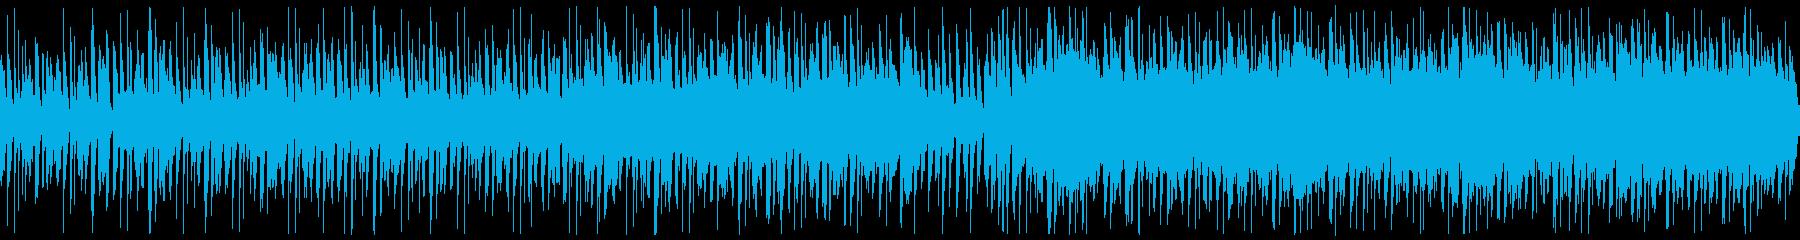 【ベース抜き】爽やかで朗らかなアンサン…の再生済みの波形